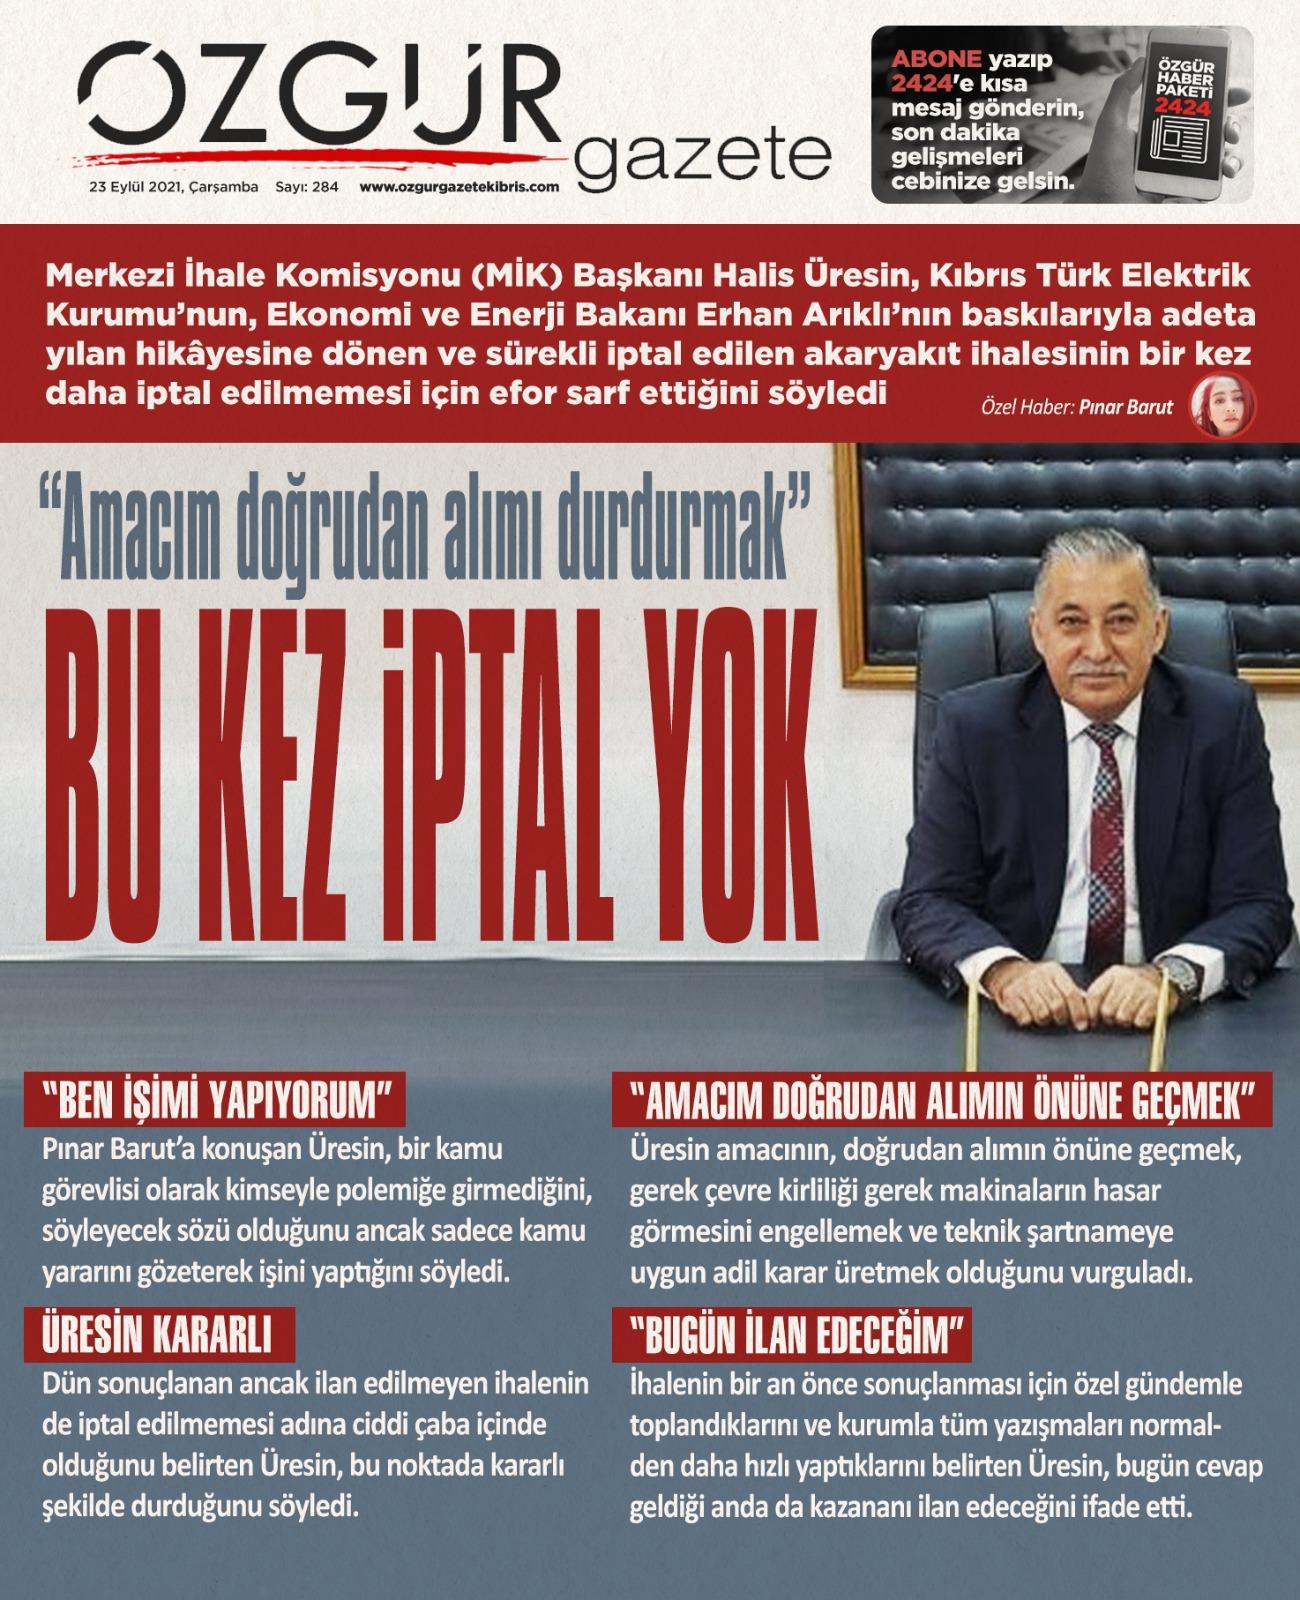 ozgur_gazete_kibris_manset_halis_uresin_kib_tek_ihale_